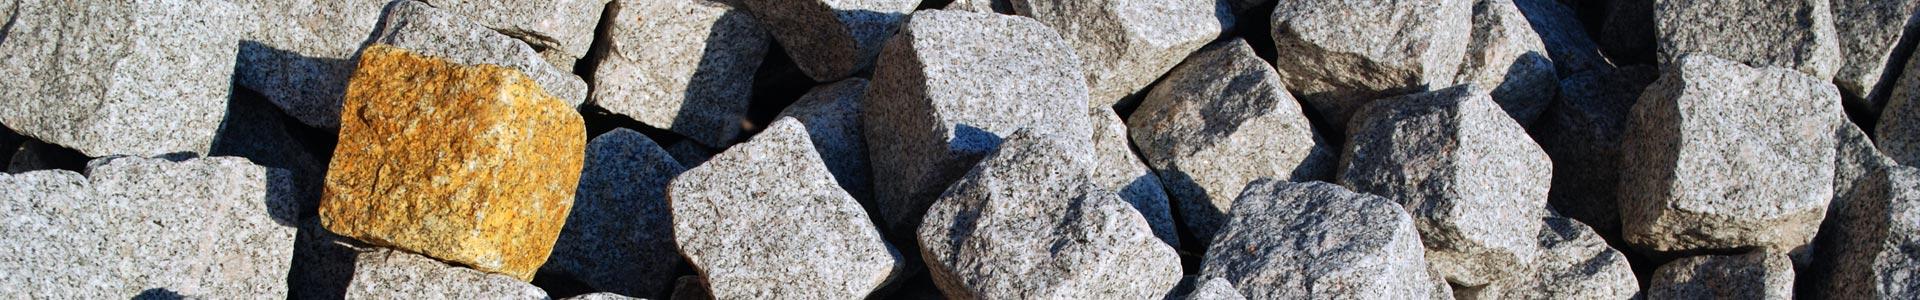 Jaki rozmiar kostki granitowej wybrać?